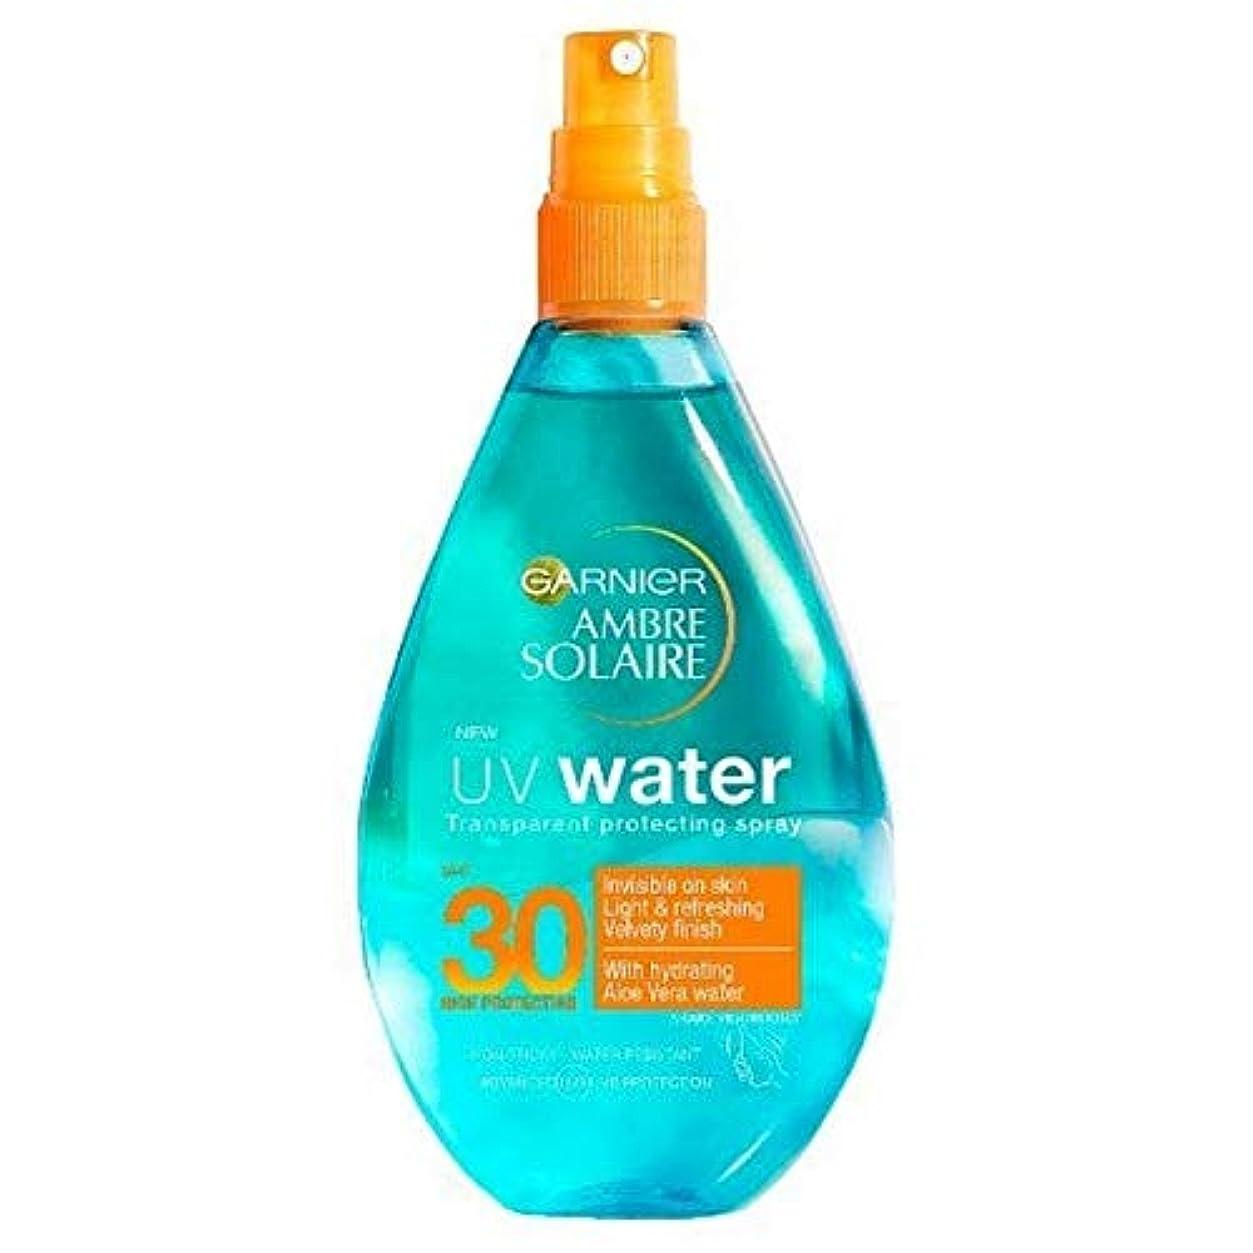 ポケット世界記録のギネスブック安価な[Garnier ] アンブレSolaire紫外線水明確な日クリームスプレーSpf30 150ミリリットル - Ambre Solaire UV Water Clear Sun Cream Spray SPF30 150ml...